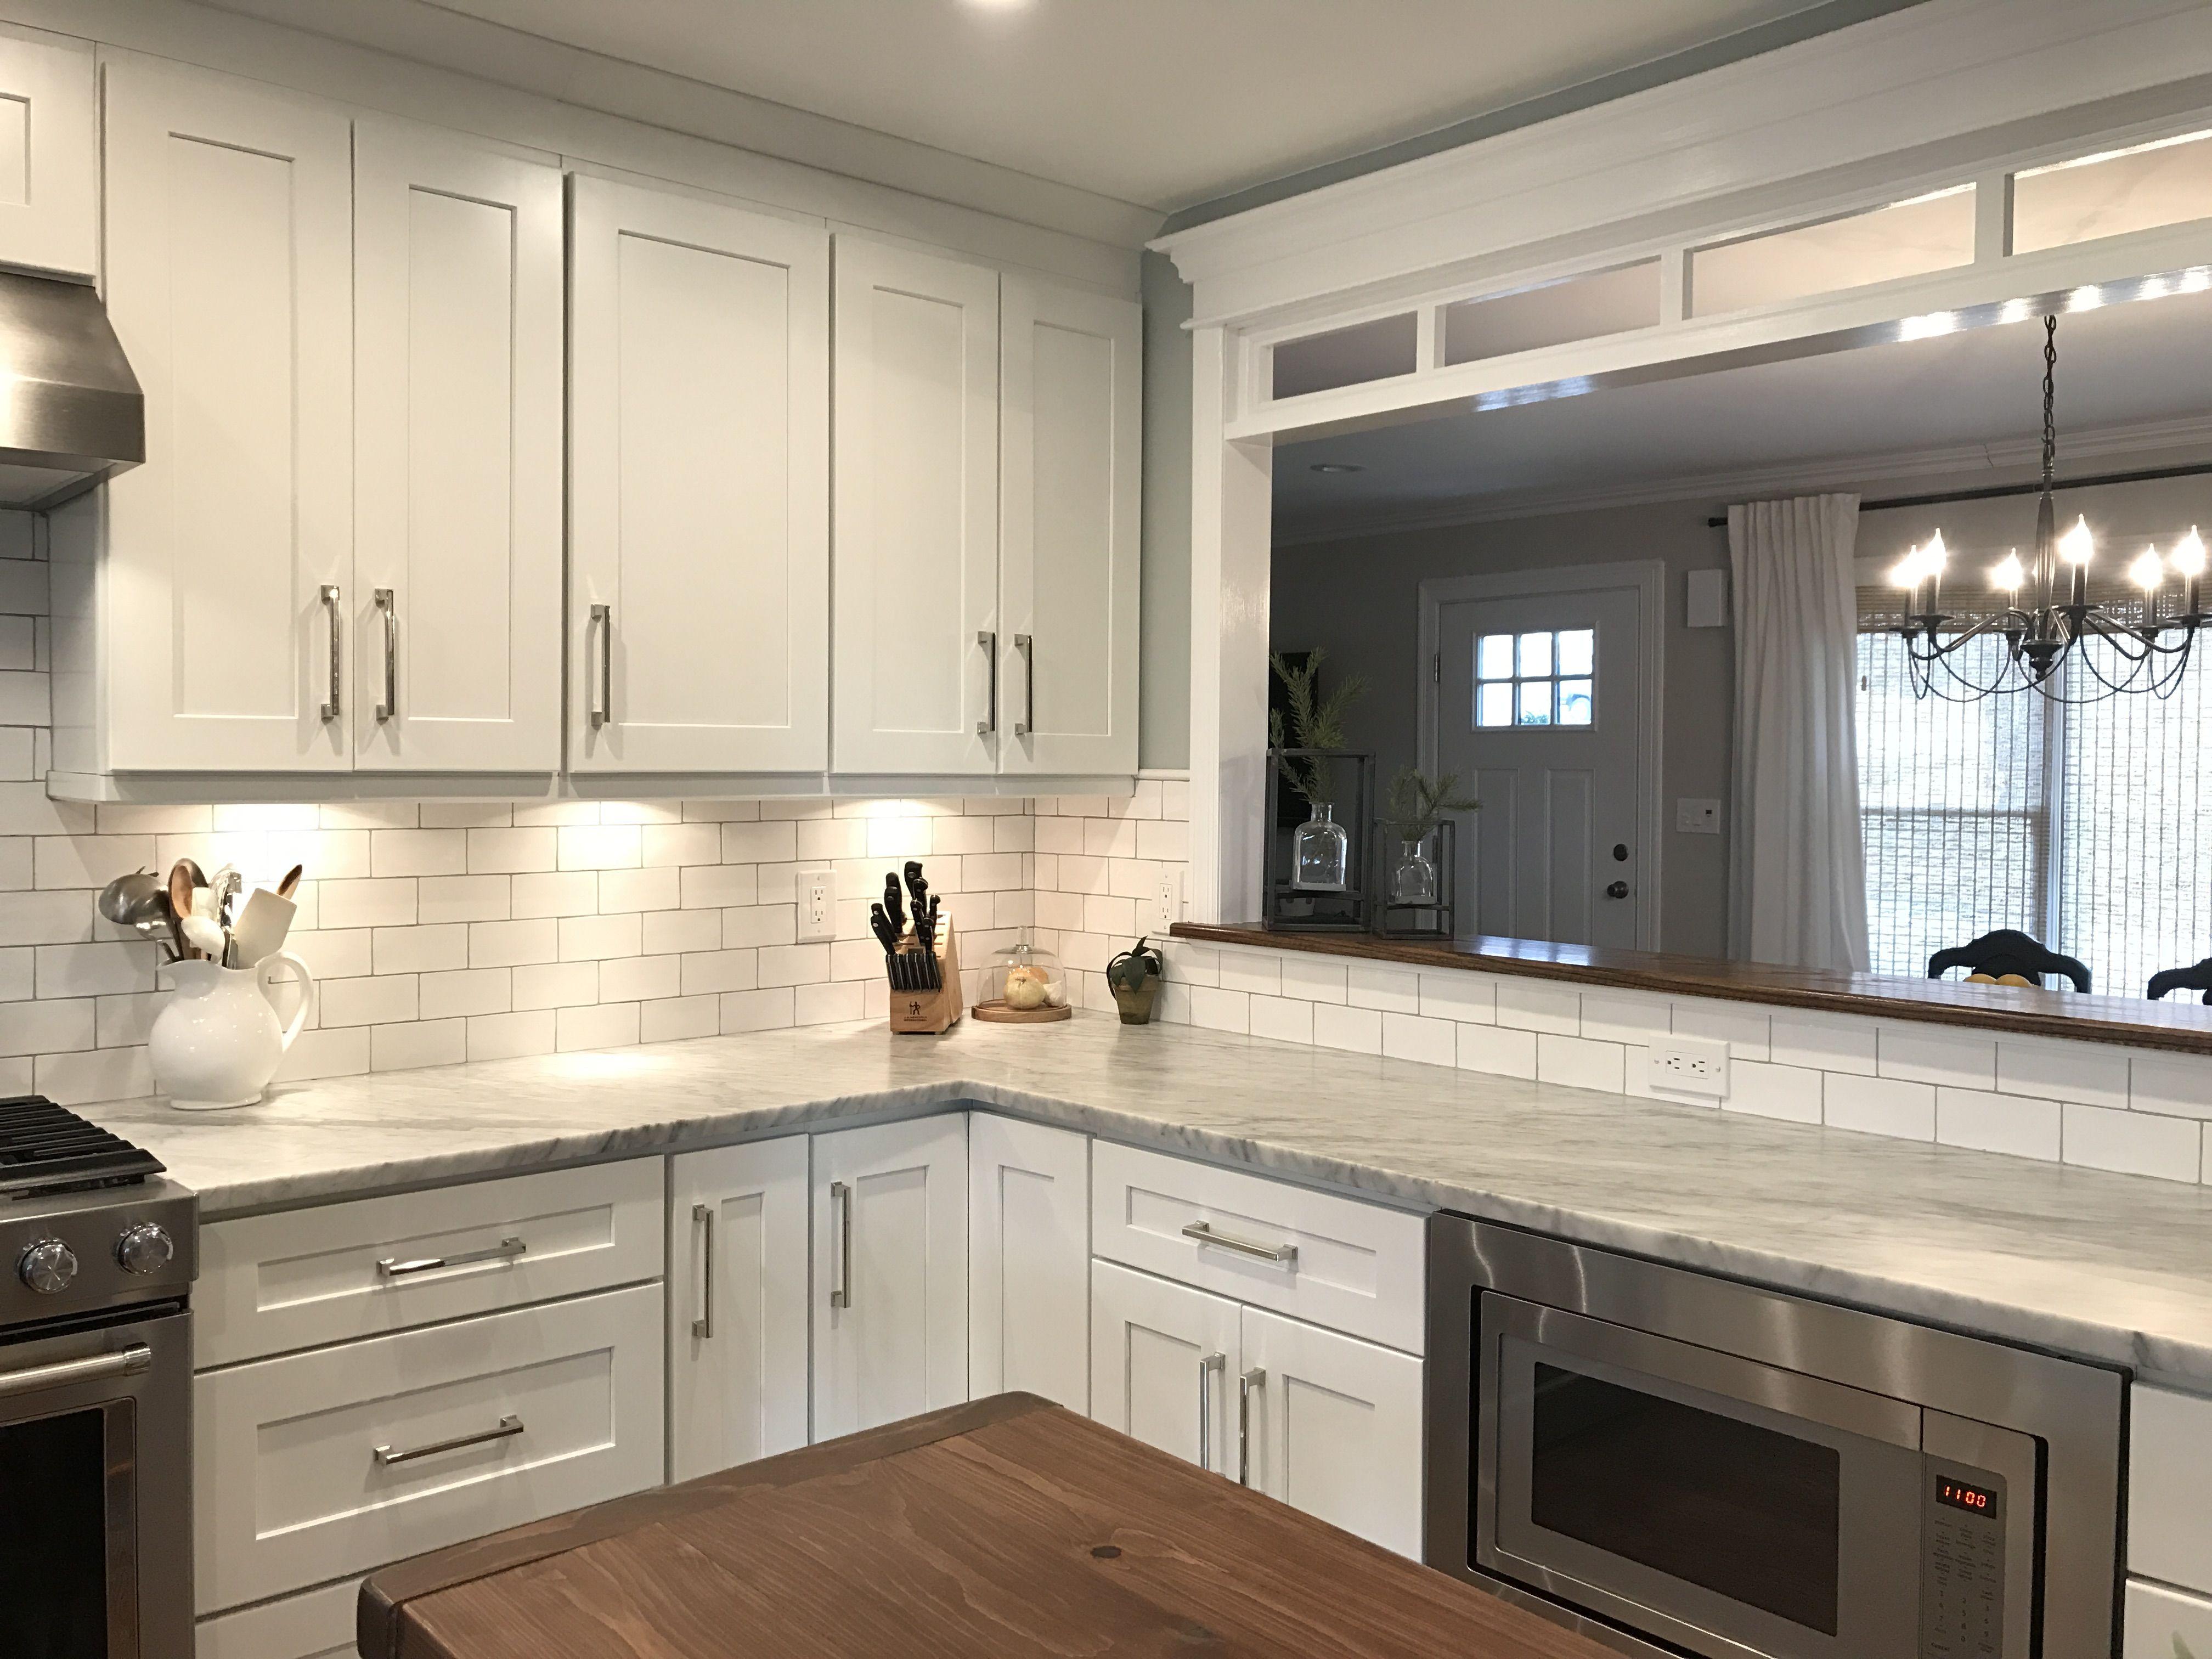 Faux Transom In Kitchen Pass Through Kitchen Remodel Small Kitchen Remodel Kitchen Remodel Plans